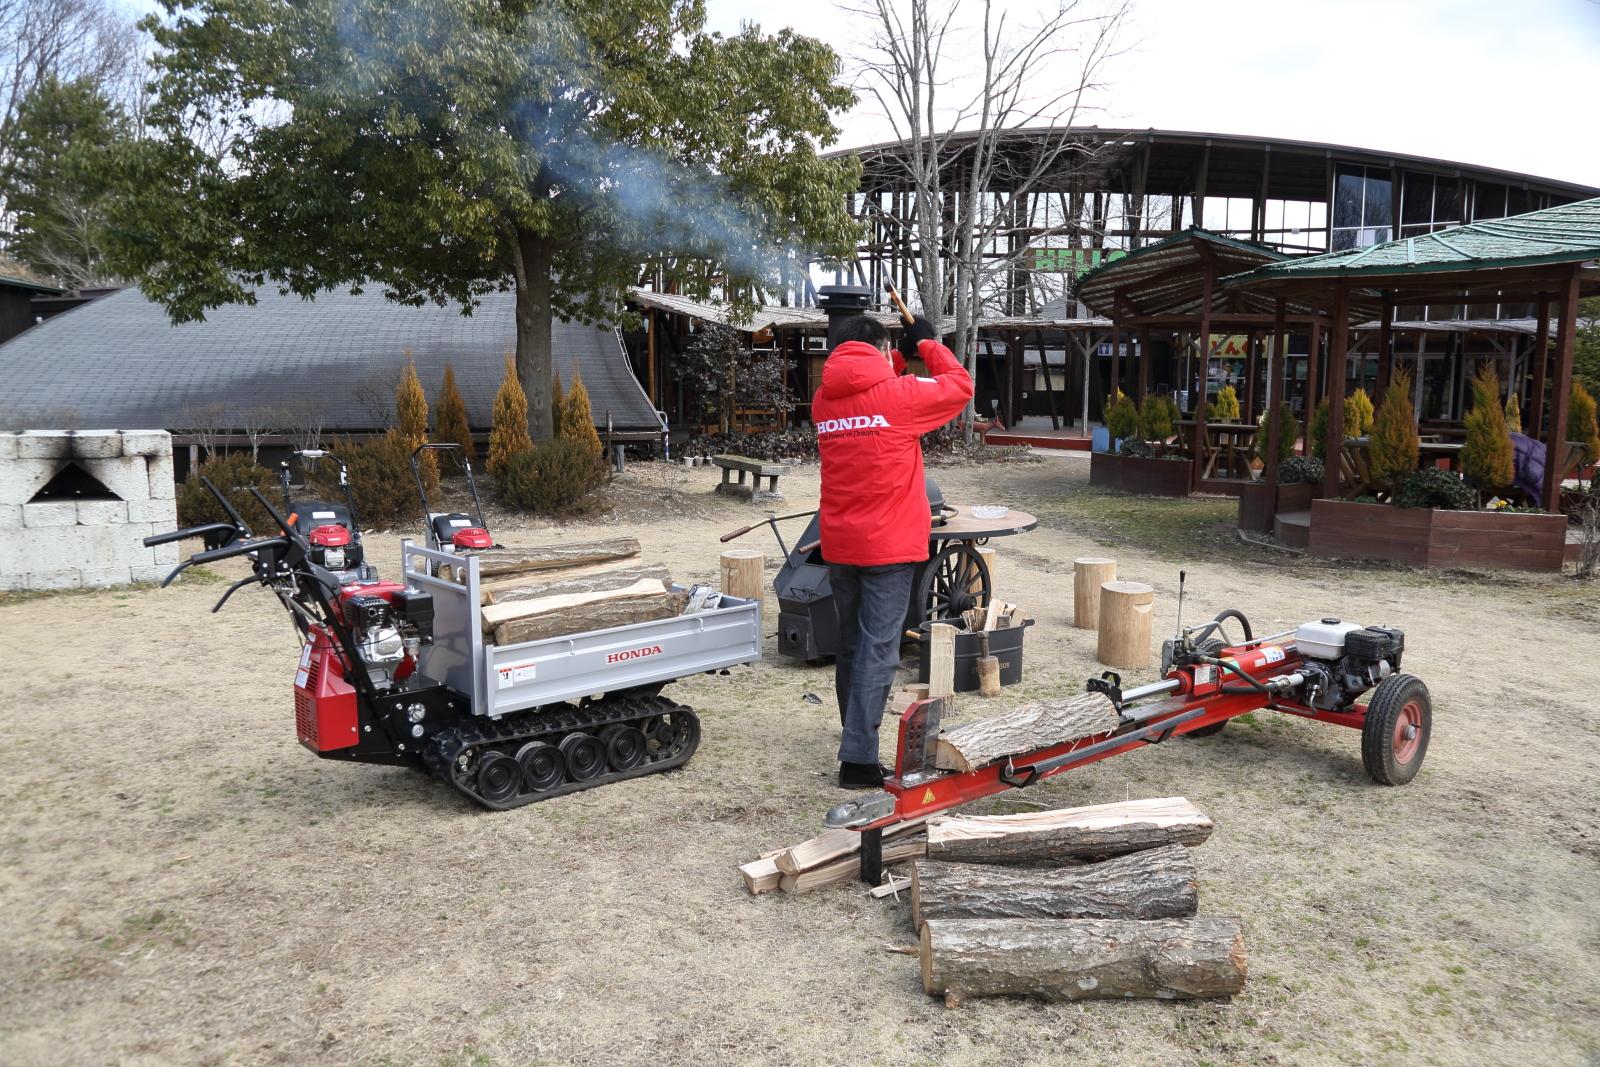 ツインリンクもてぎ内にある森の自然体験ミュージアム「ハローウッズ」でもホンダ汎用製品は大活躍